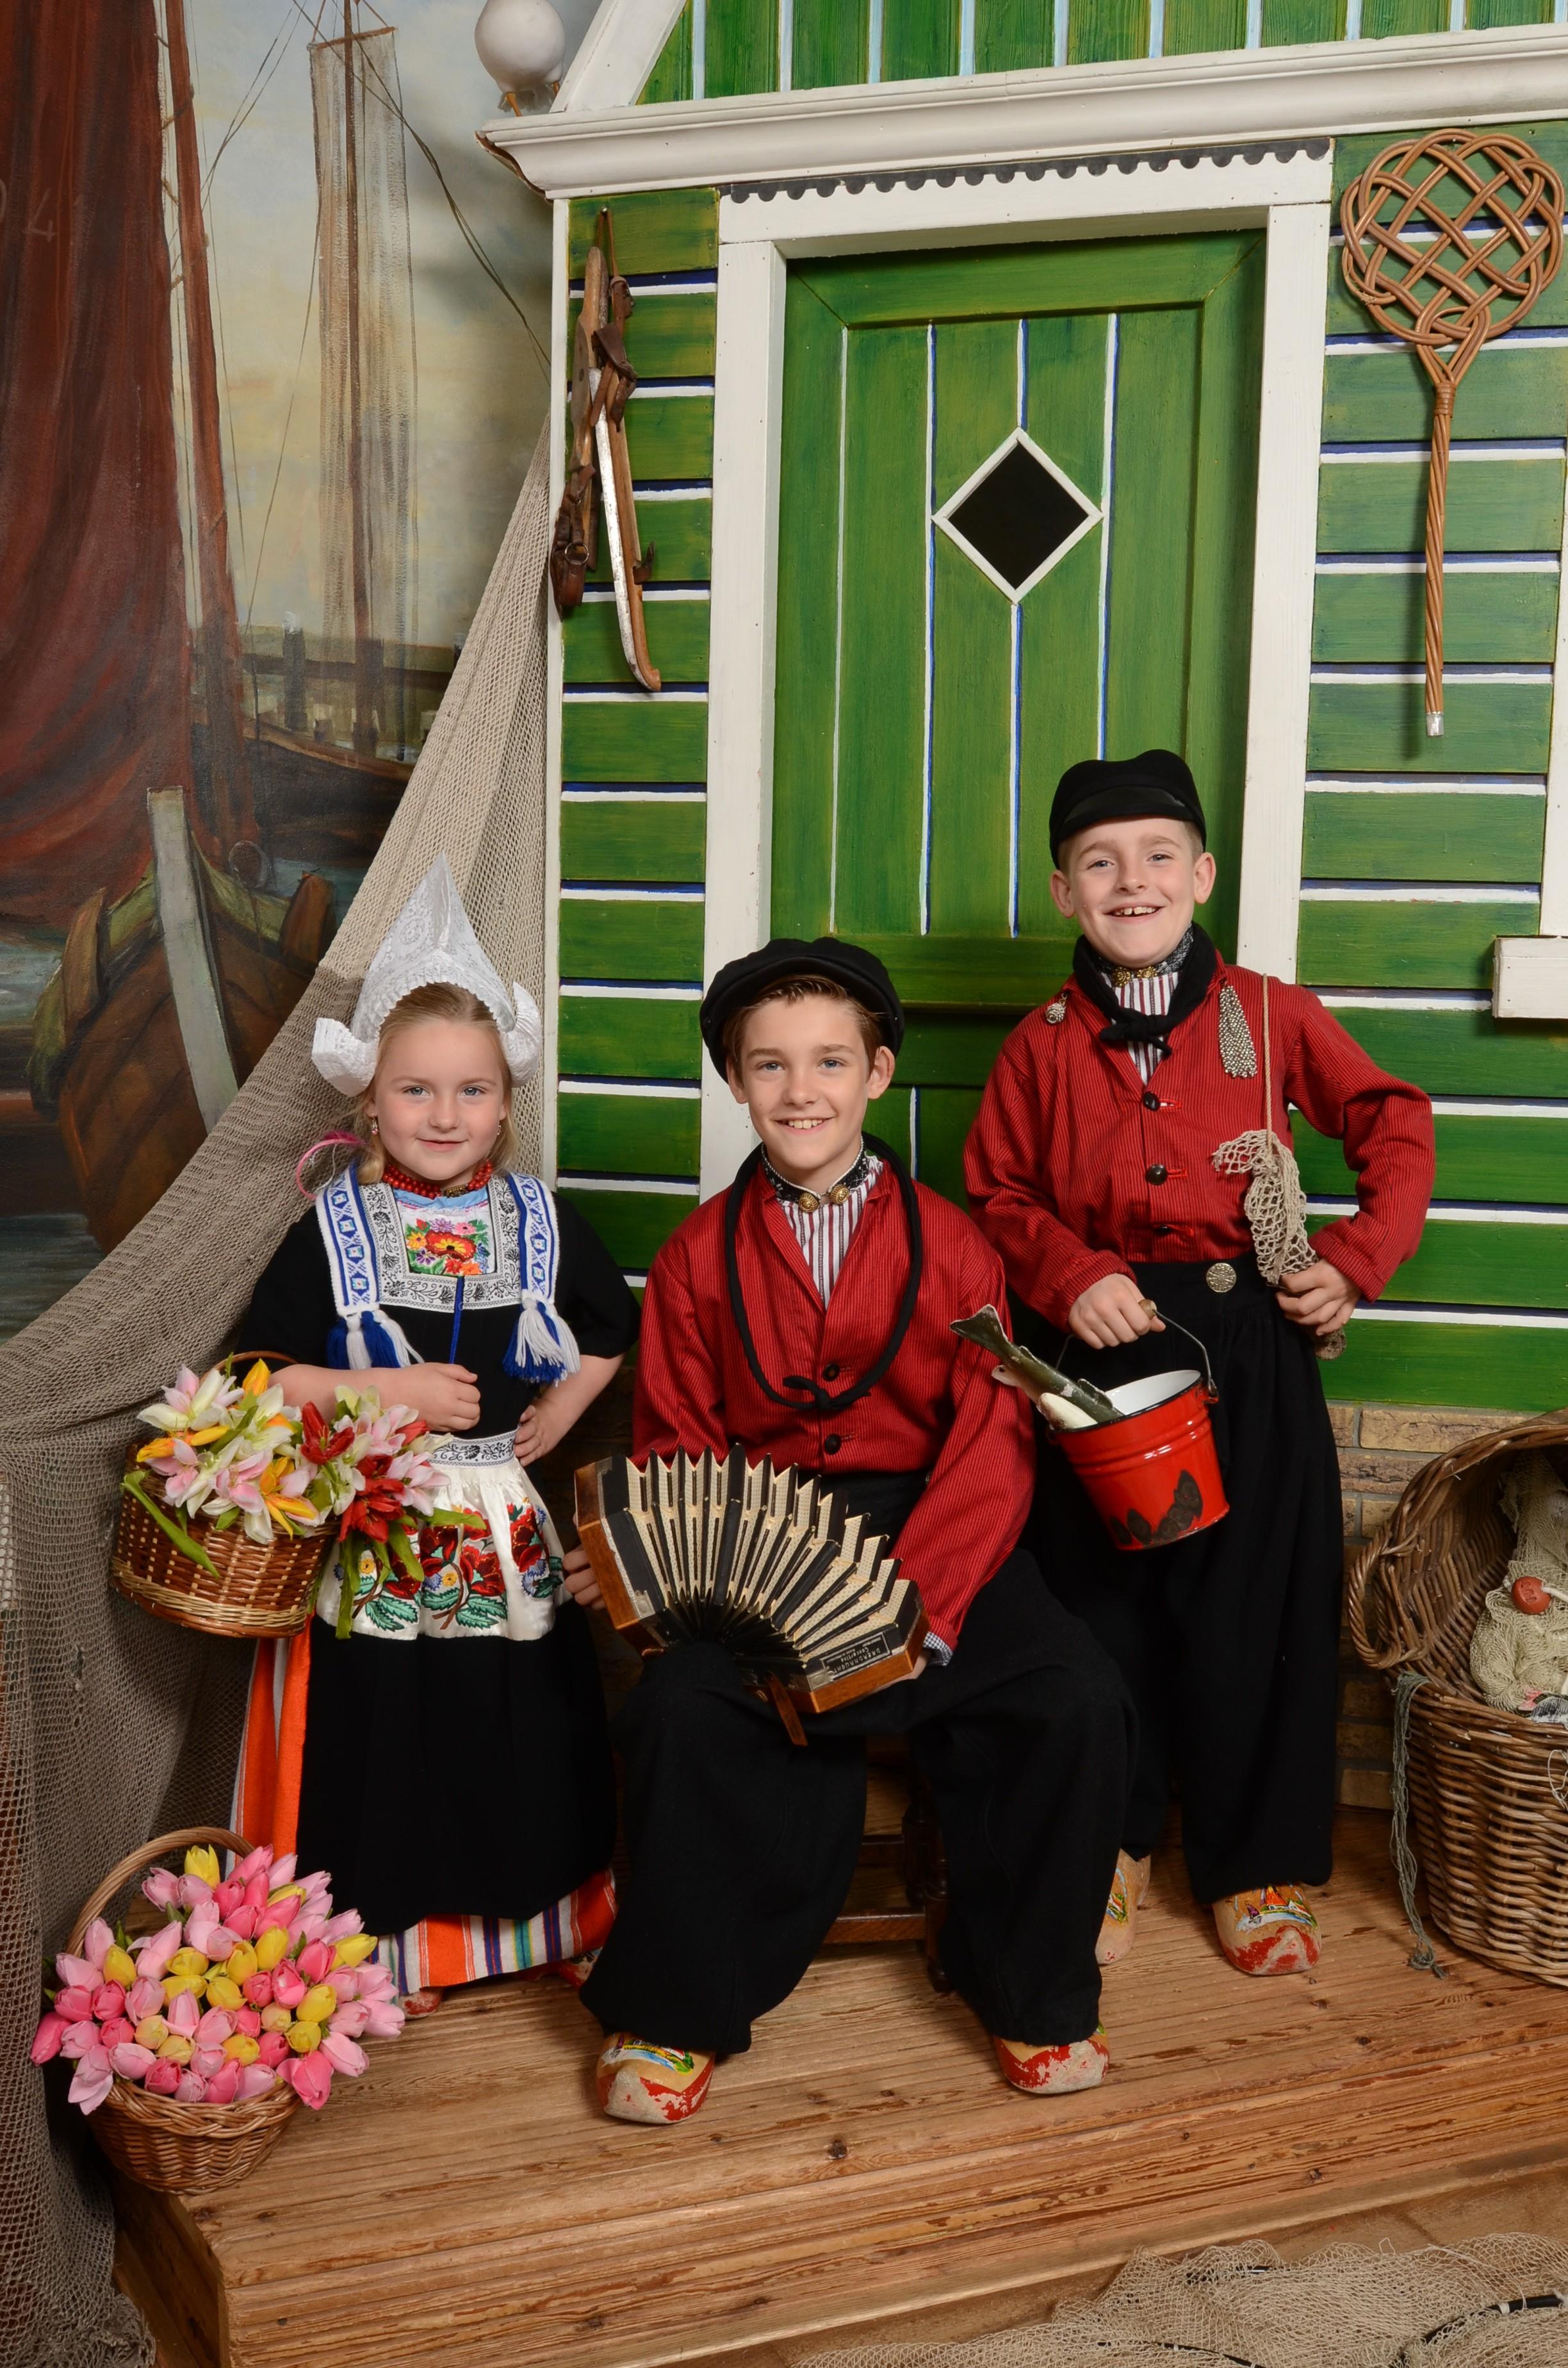 Picture of children in Volendam costume